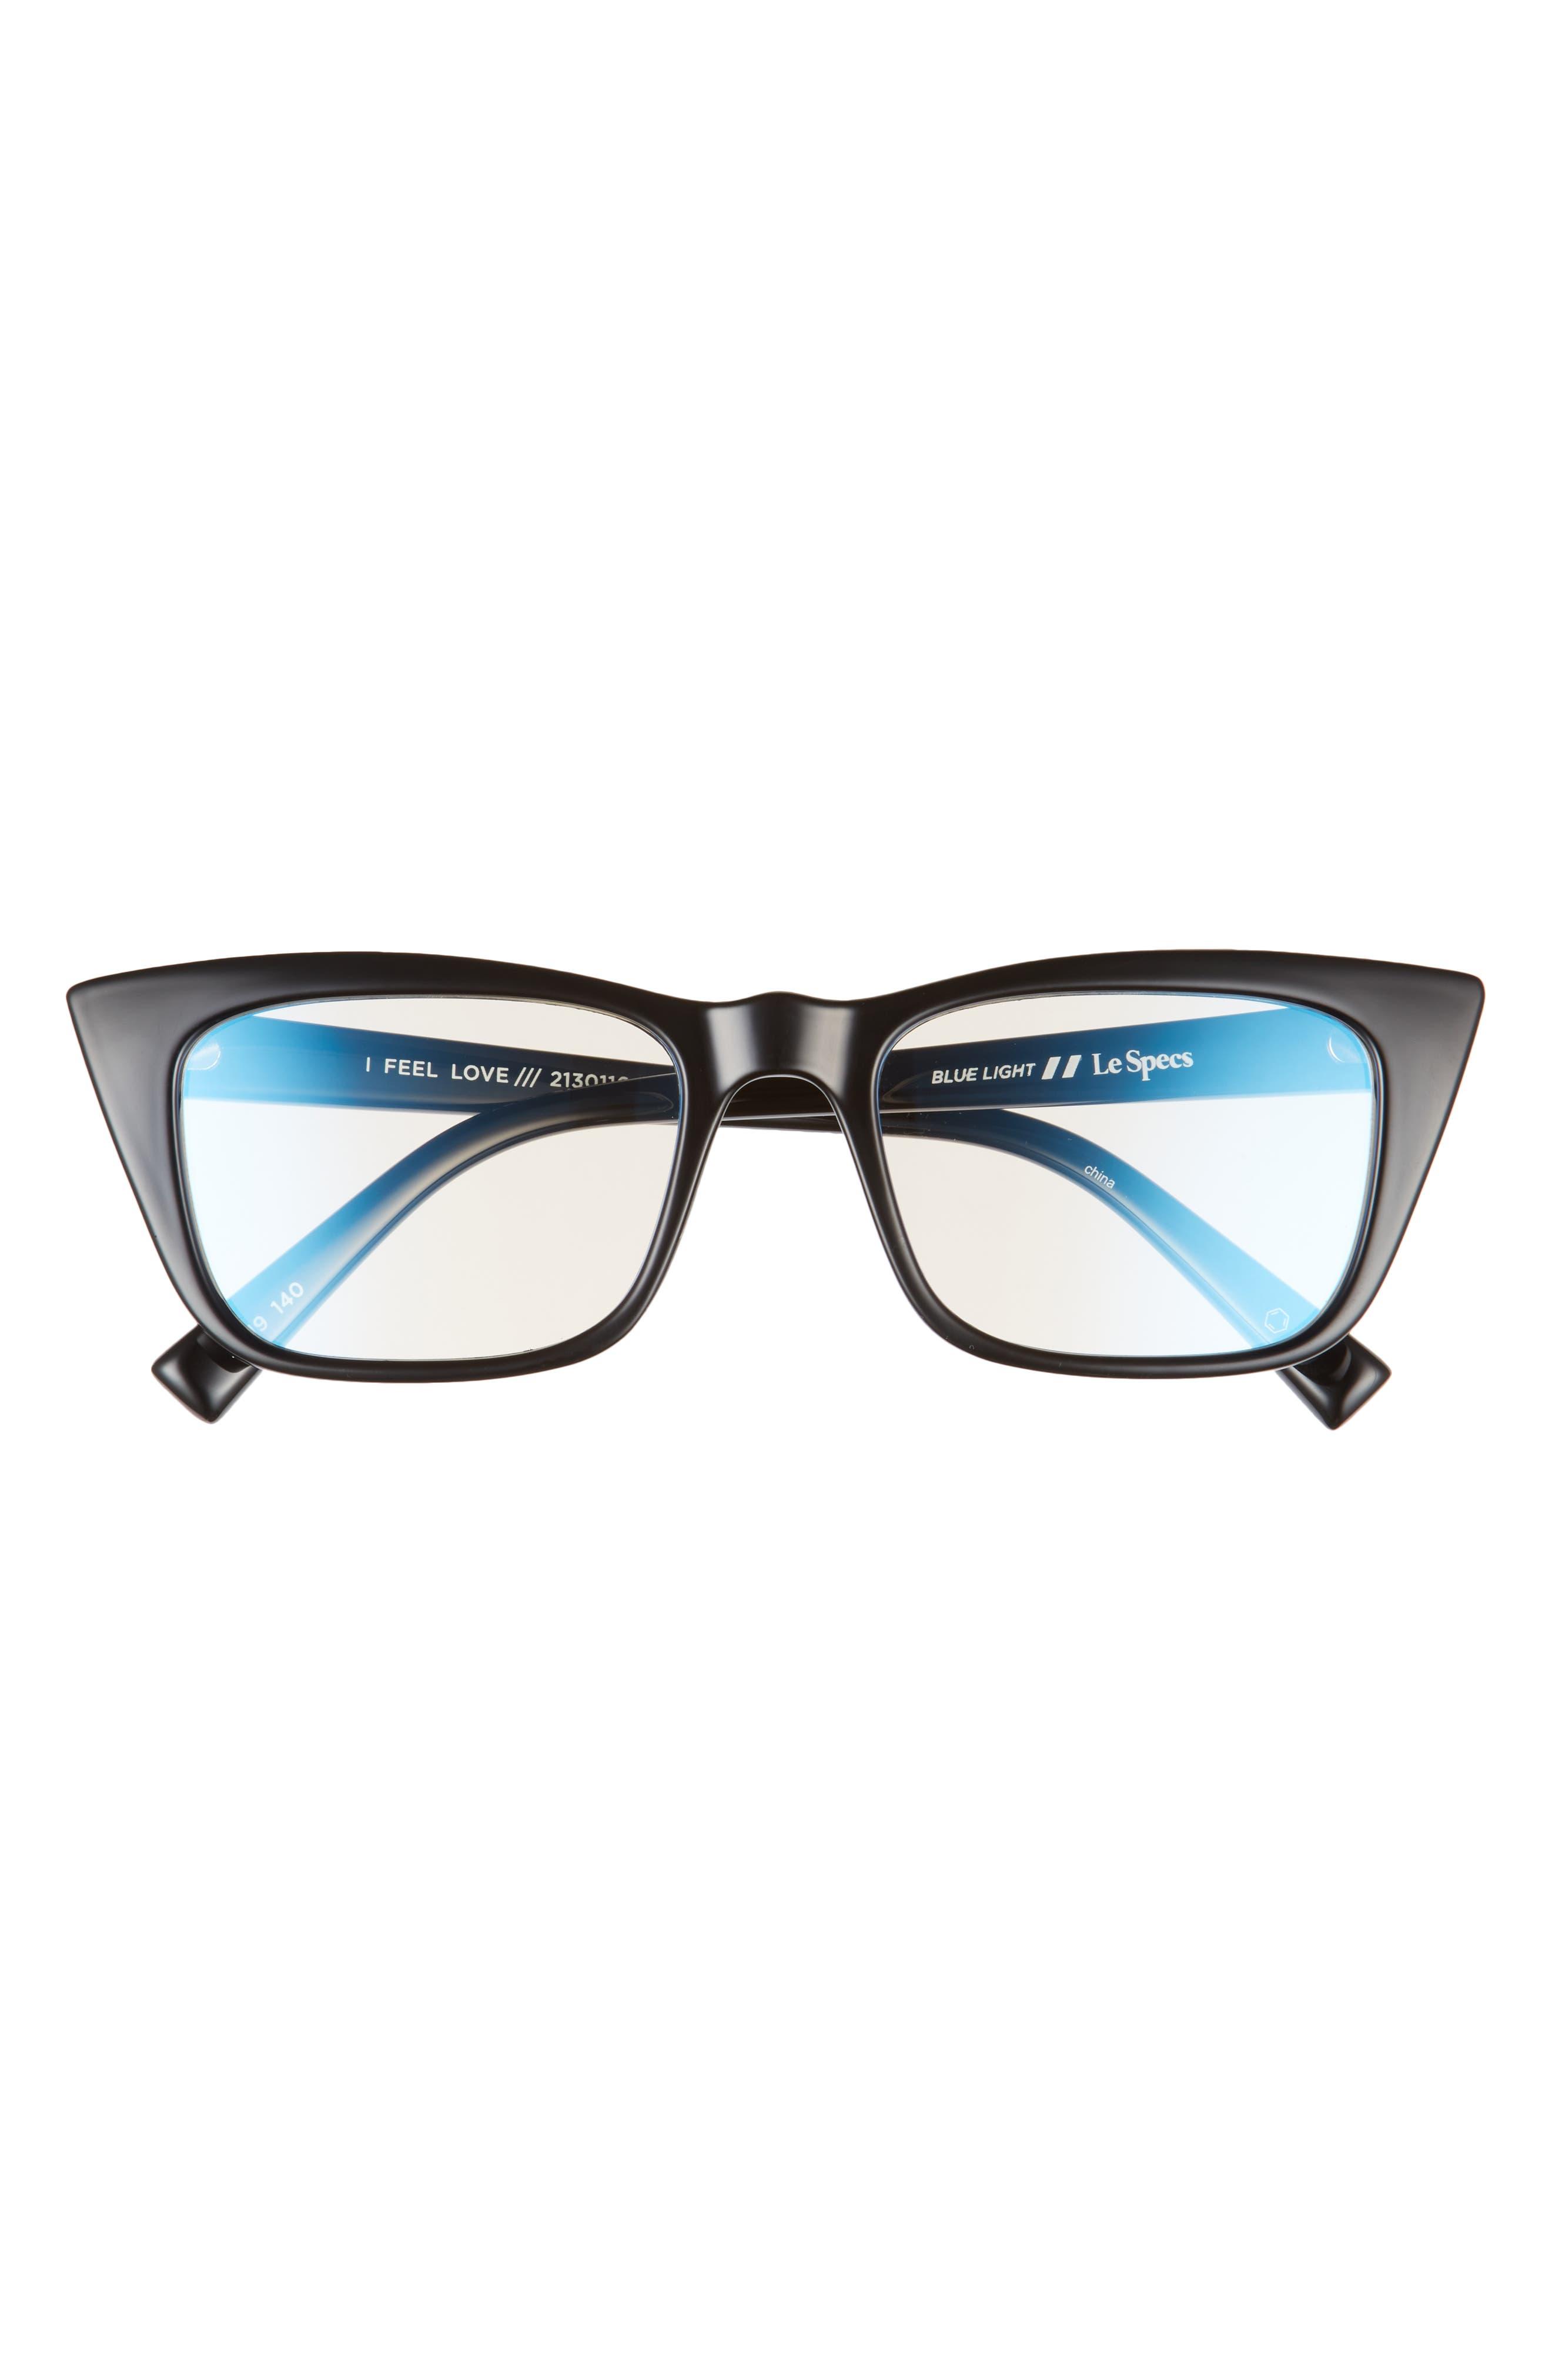 I Feel Love 48mm Small Blue Light Blocking Glasses